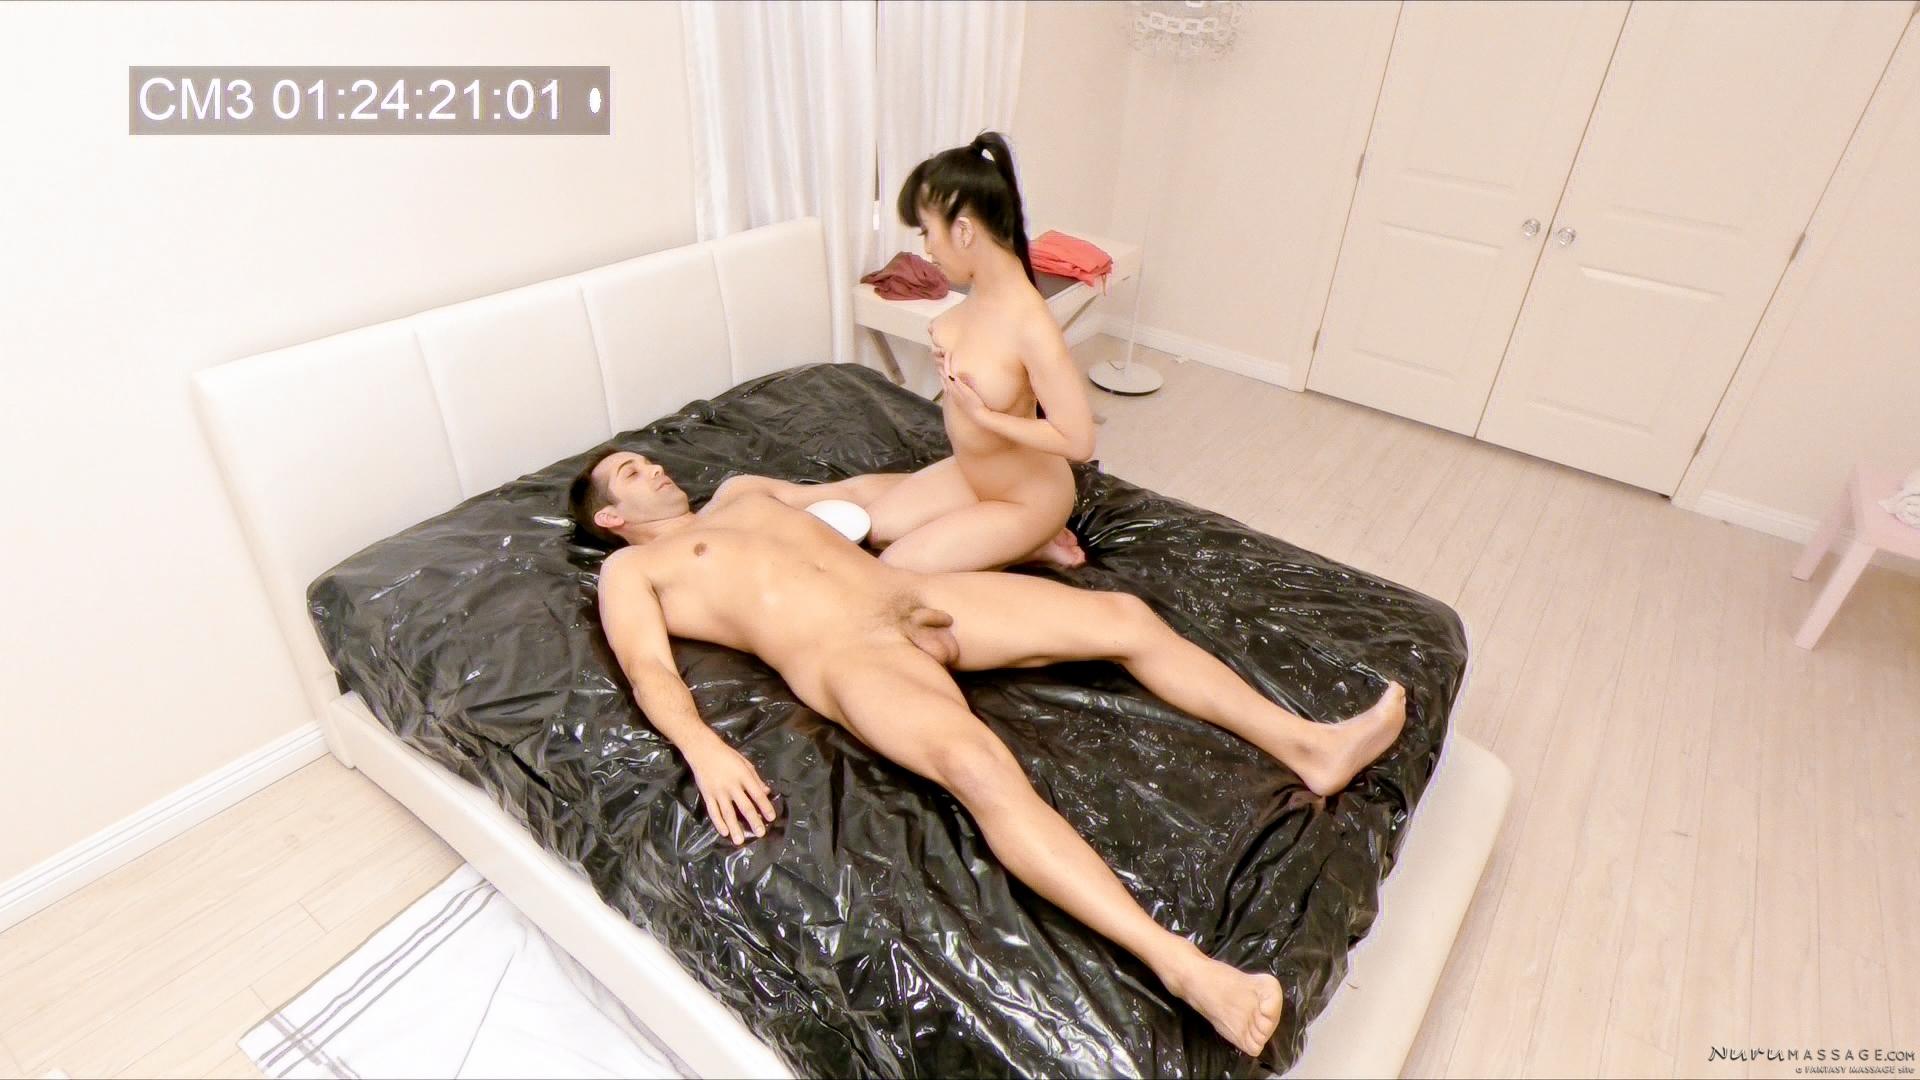 Asian porn photos. Gallery № 1527. Photo - 5